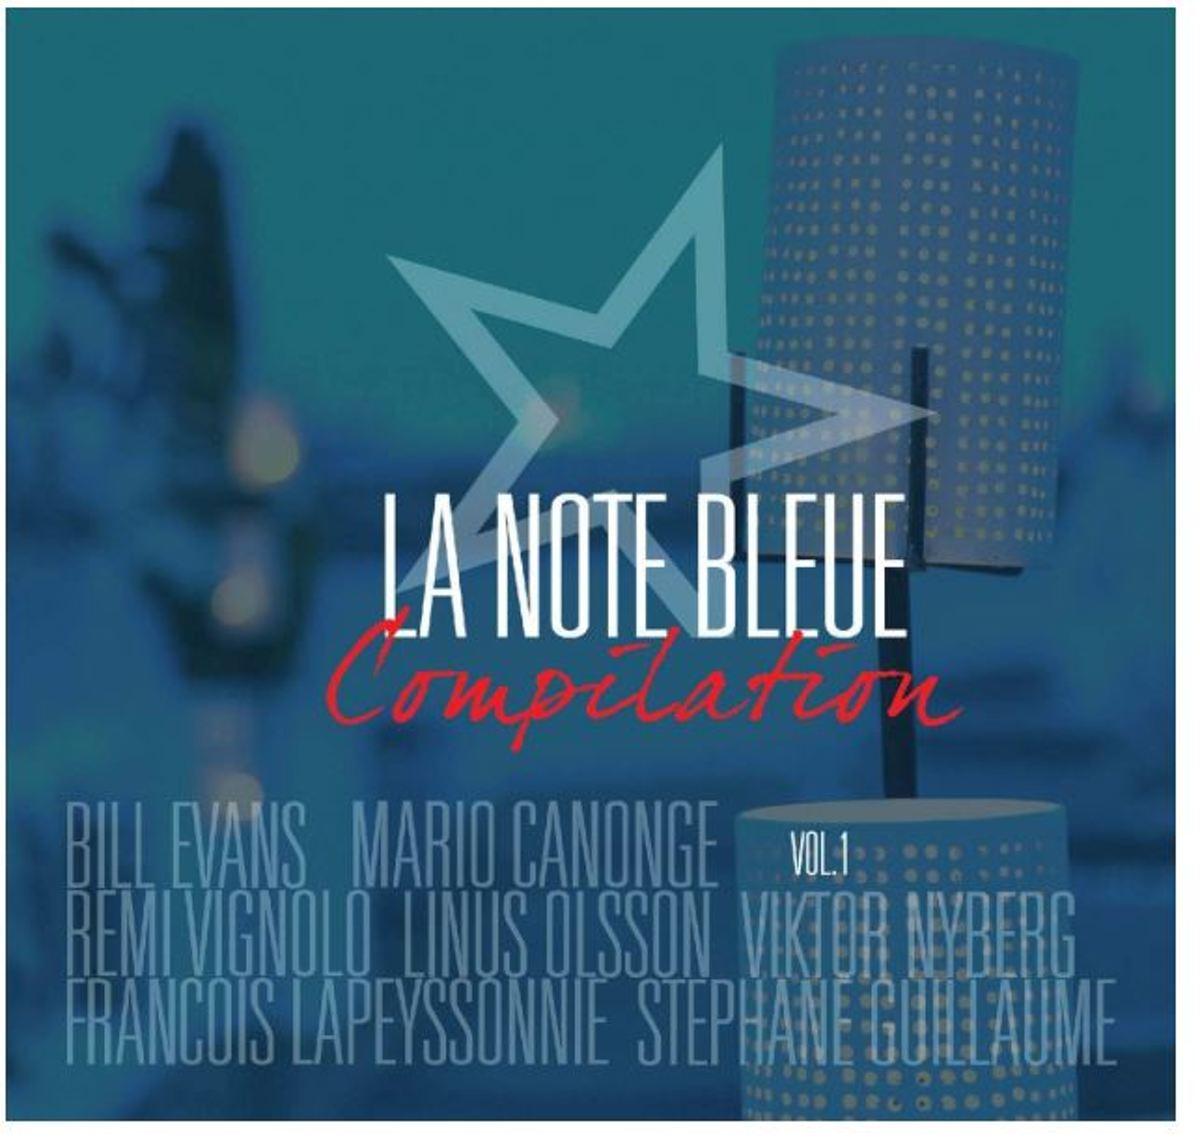 La Note Bleue Vol. 1 kopen